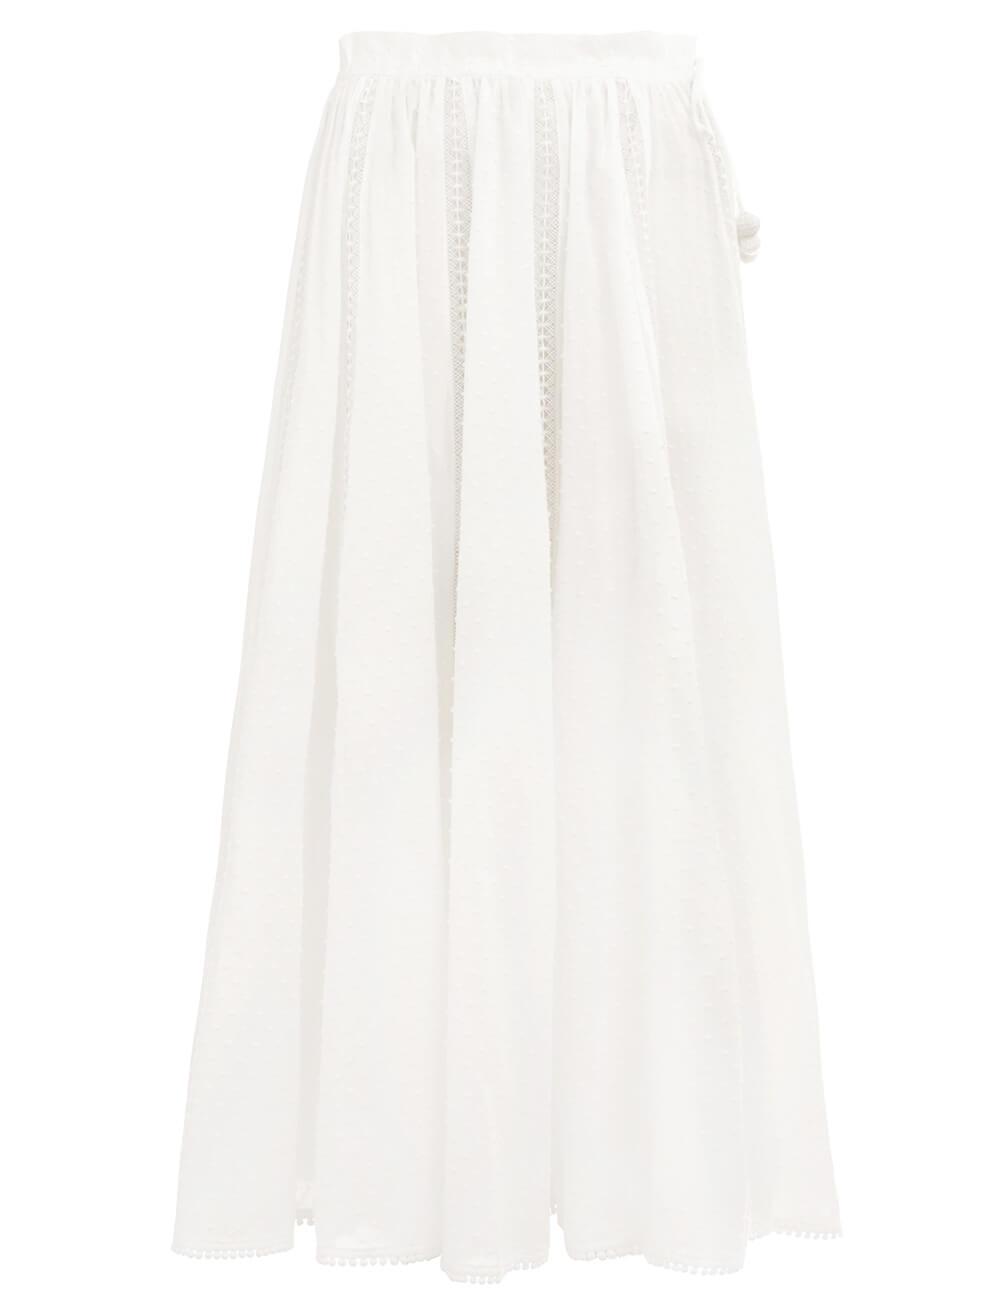 Suraya Lace Insert Skirt